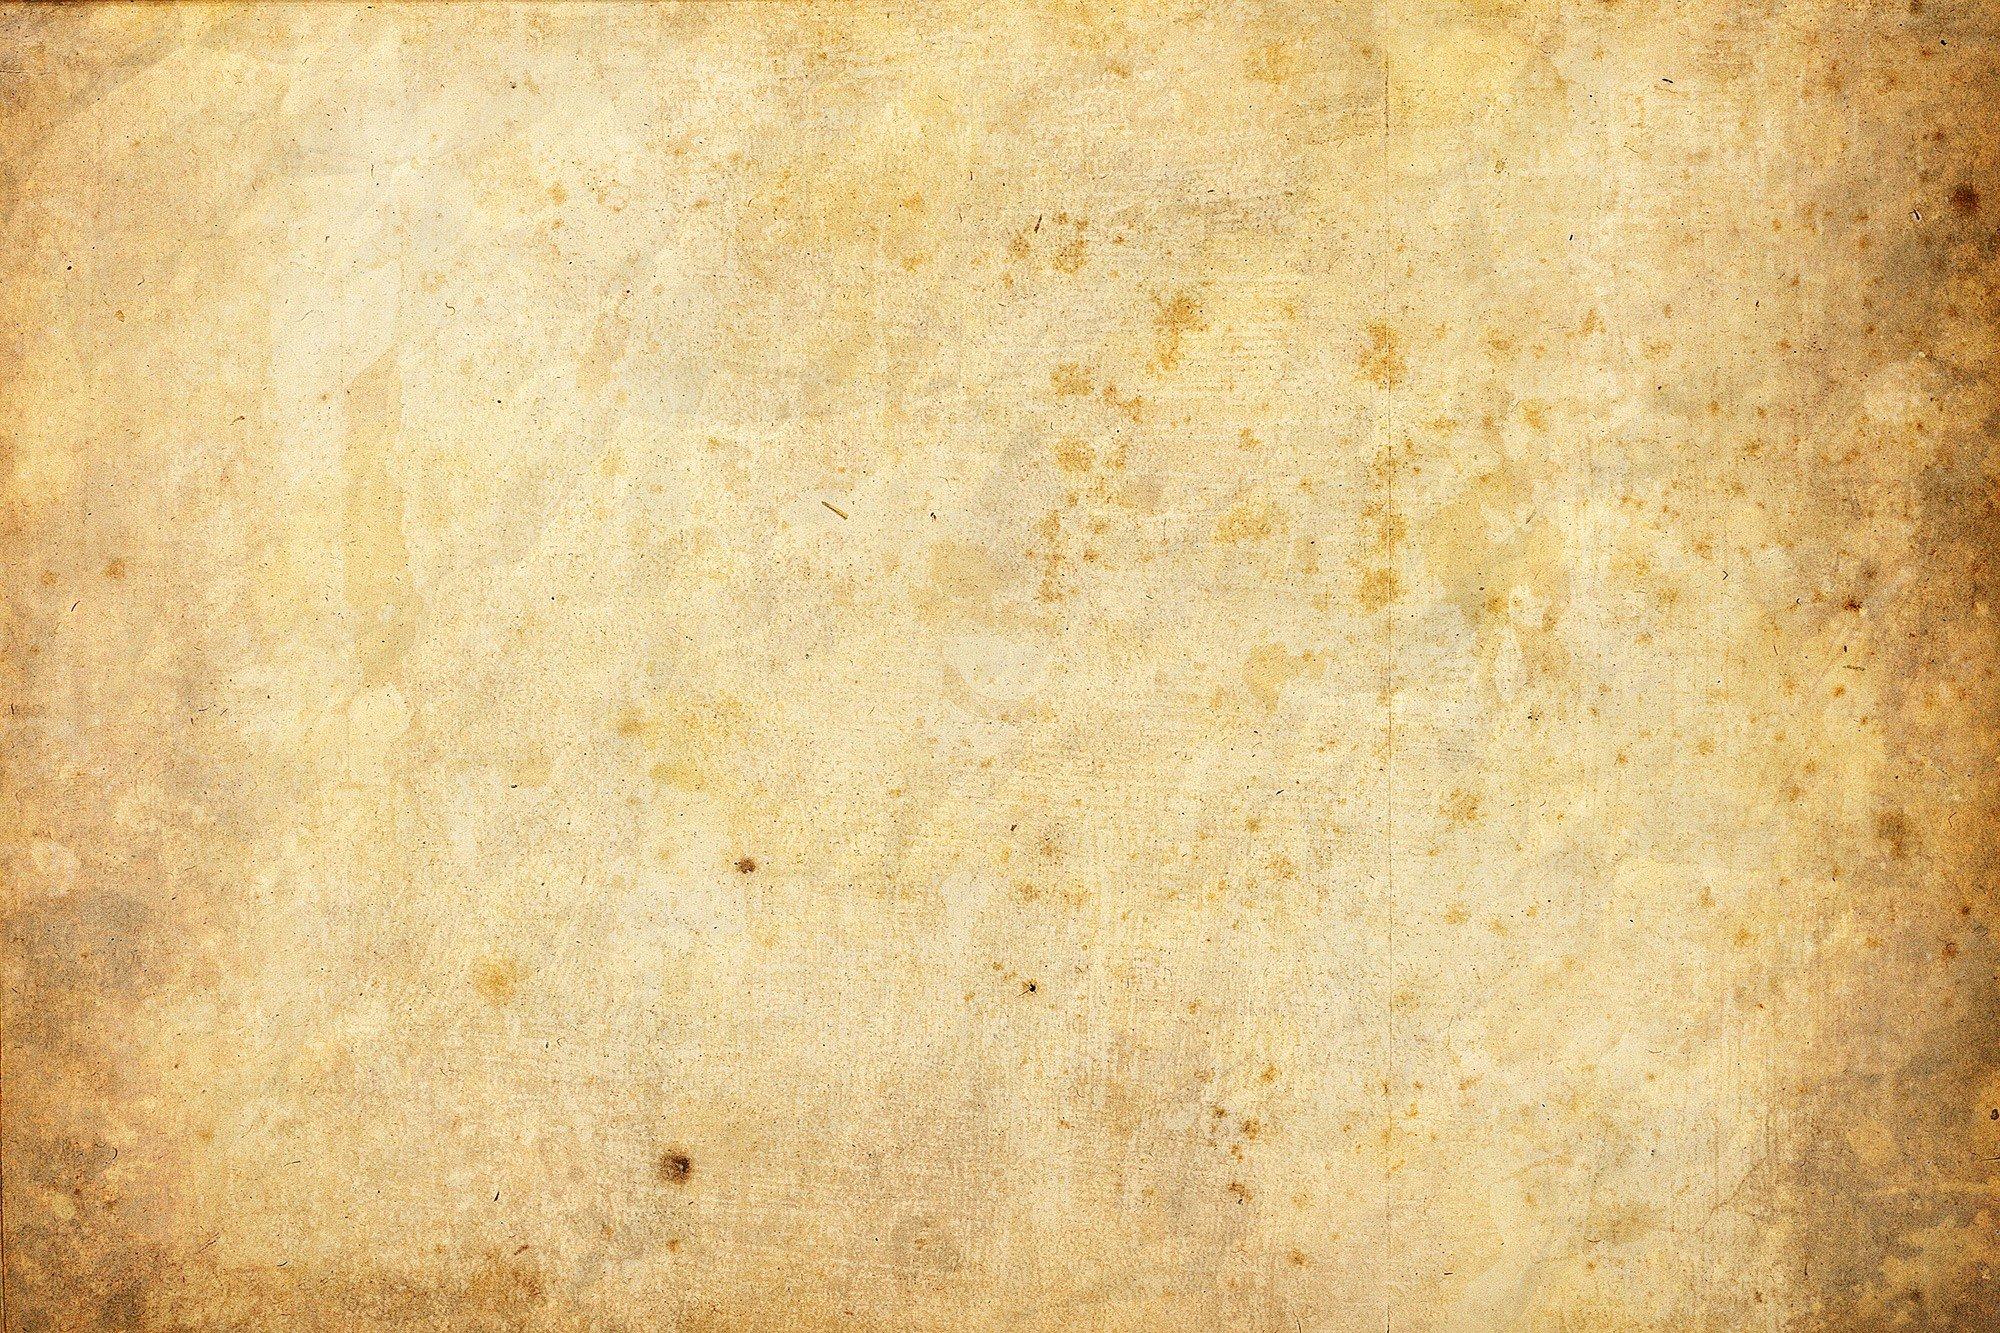 Fond D Ecran 2000x1333 Px Vieux Papier Texture 2000x1333 Coolwallpapers 1237009 Fond D Ecran Wallhere